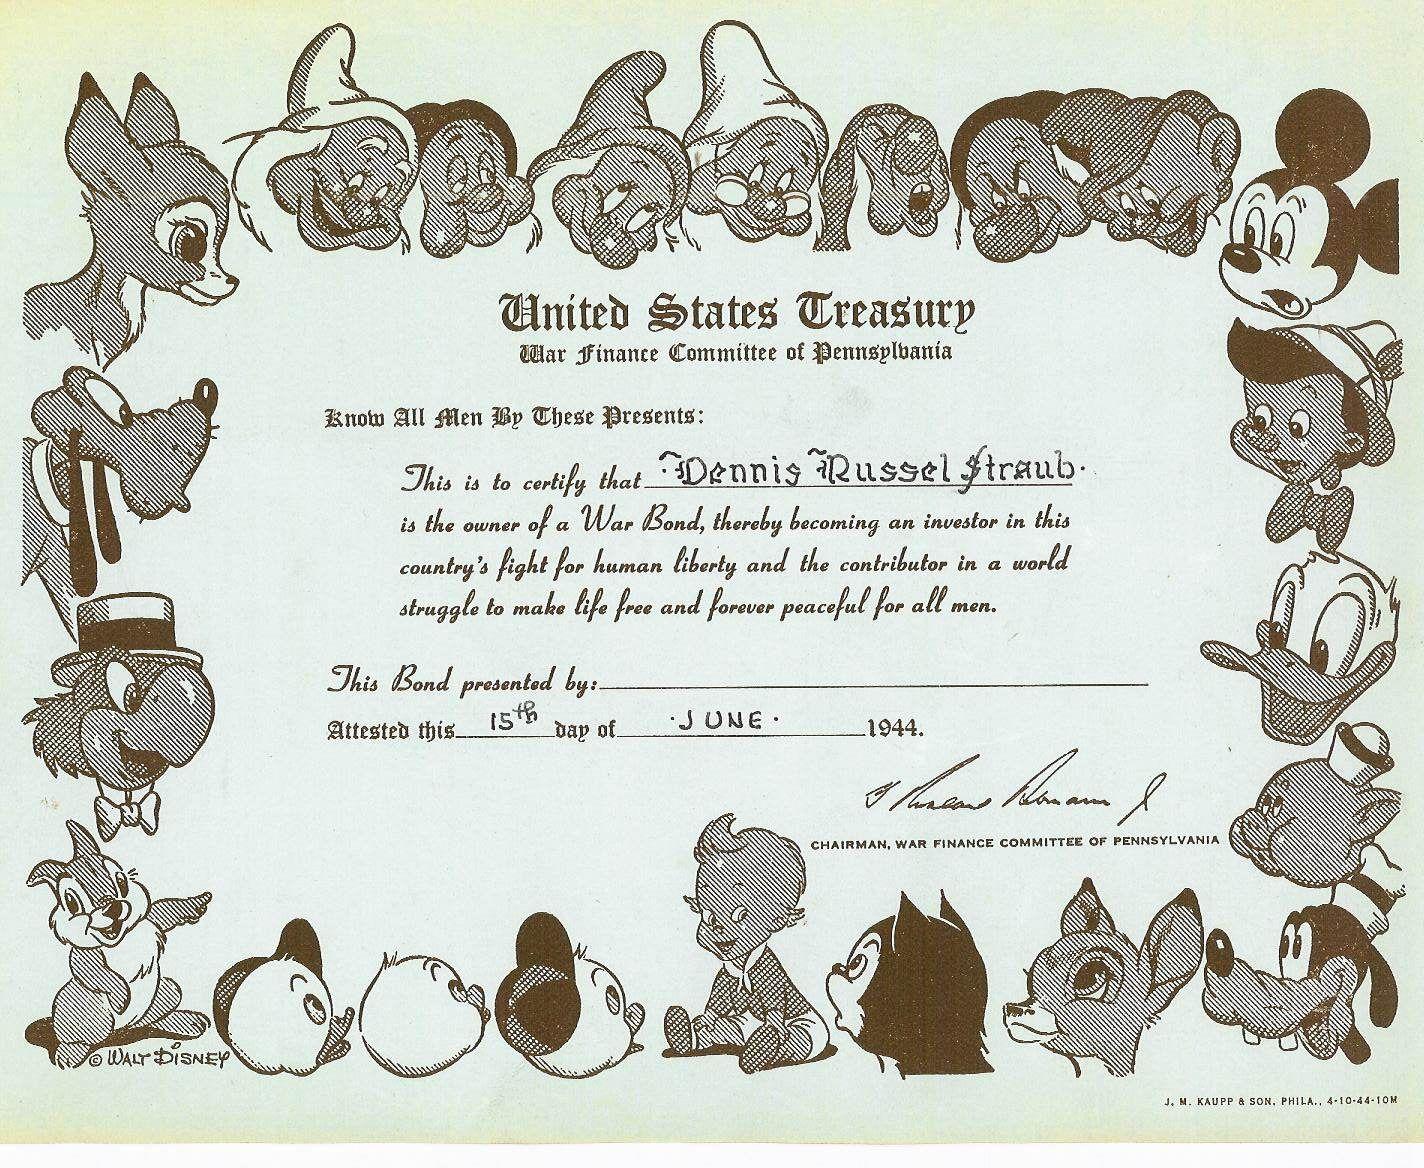 Wwii war bonds disney war bonds certificate for world war ii wwii war bonds disney war bonds certificate for world war ii similar to the left 1betcityfo Choice Image